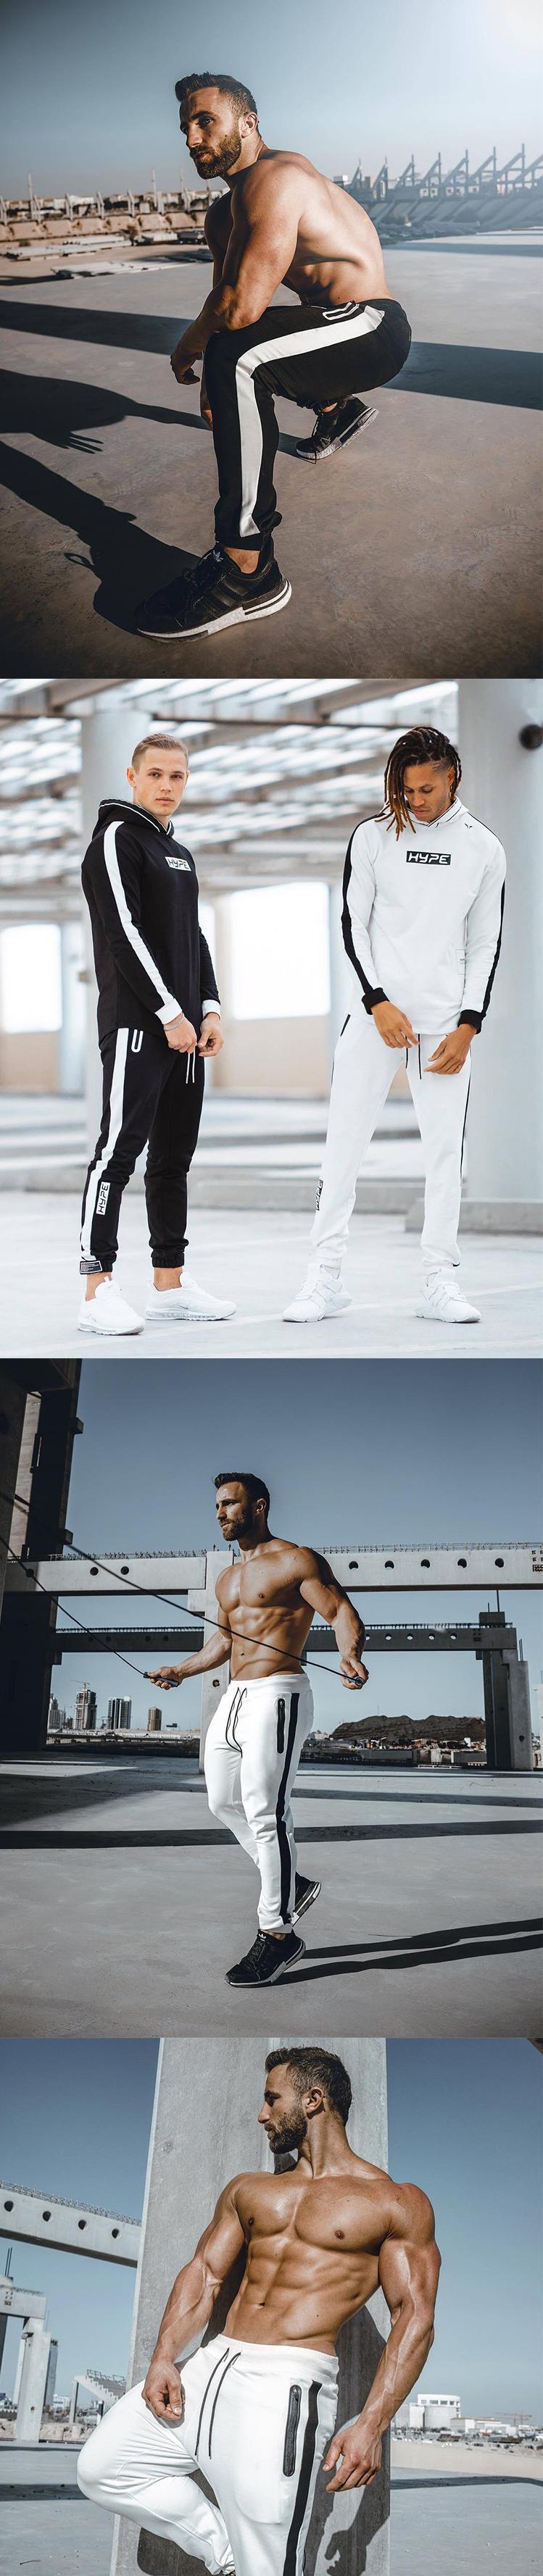 Pantalones Deportivos Informales Ajustados Para Hombre Color Blanco 2021 Buy Pantalones De Gimnasio Para Hombres Pantalones De Gimnasio Para Hombres Pantalones De Hombre De Ajuste Delgado Personalizados De Alta Calidad Product On Alibaba Com